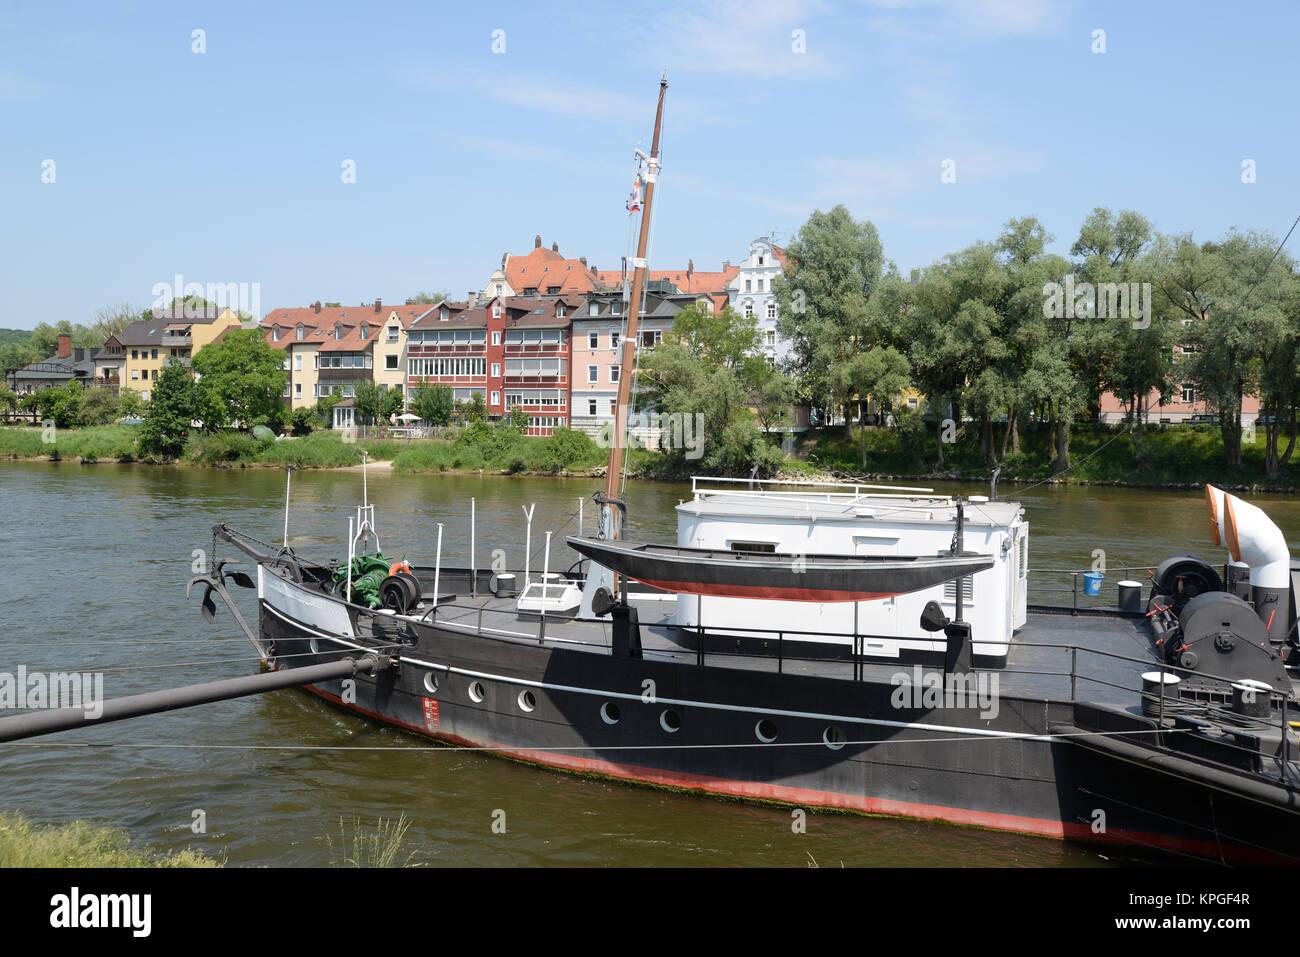 regensburg,  bayern, deutschland, brd, donau, fluss, stadt, schiff, raddampfer, ufer, schiffahrtsmuseum, museum, Stock Photo